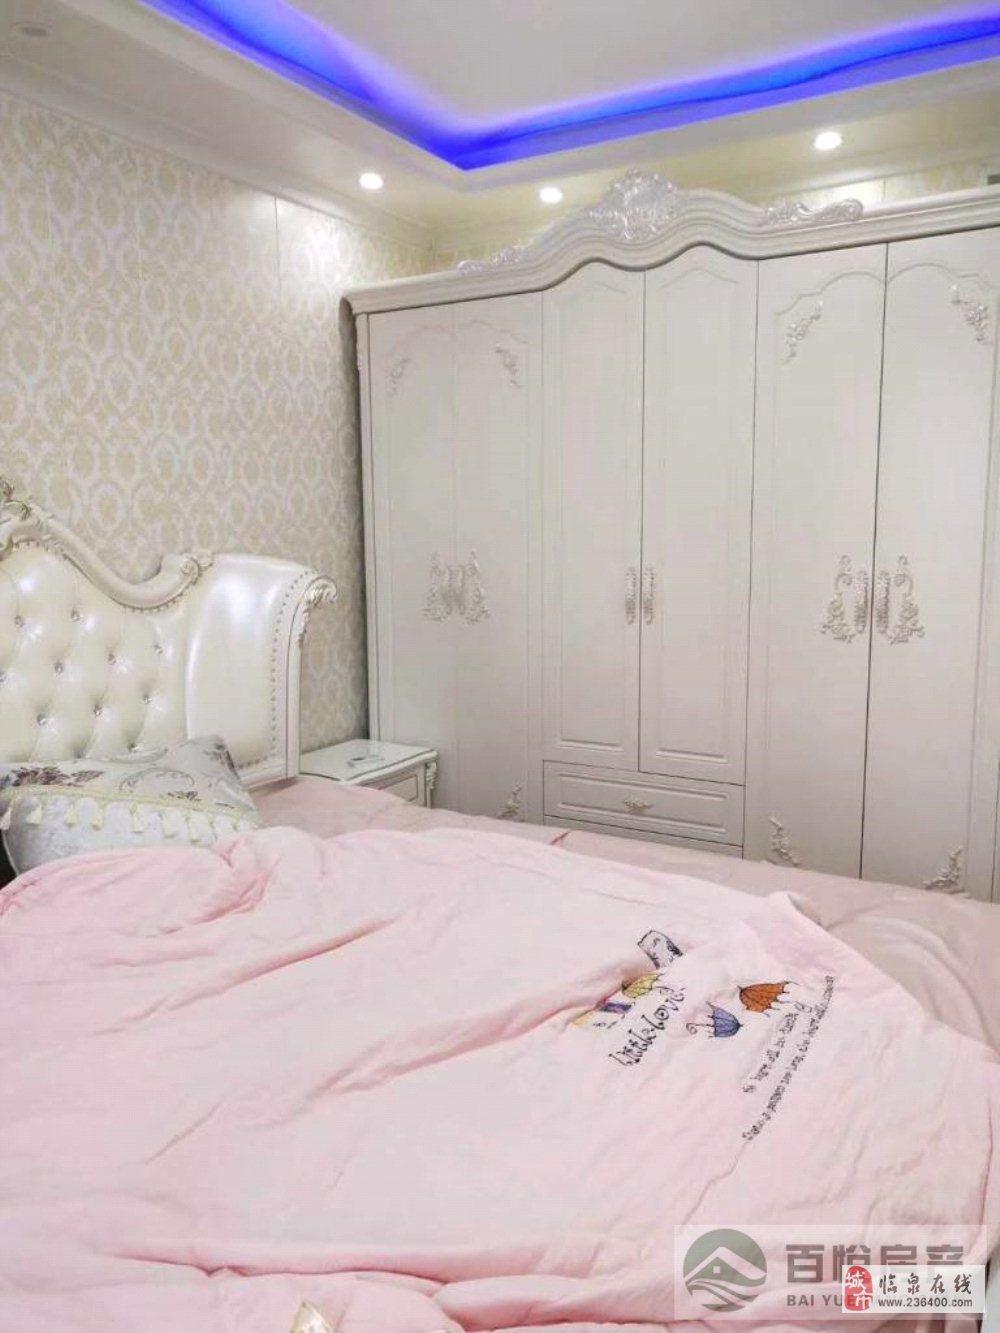 丽阳豪苑3室2厅2卫86万,精装修,满二税低